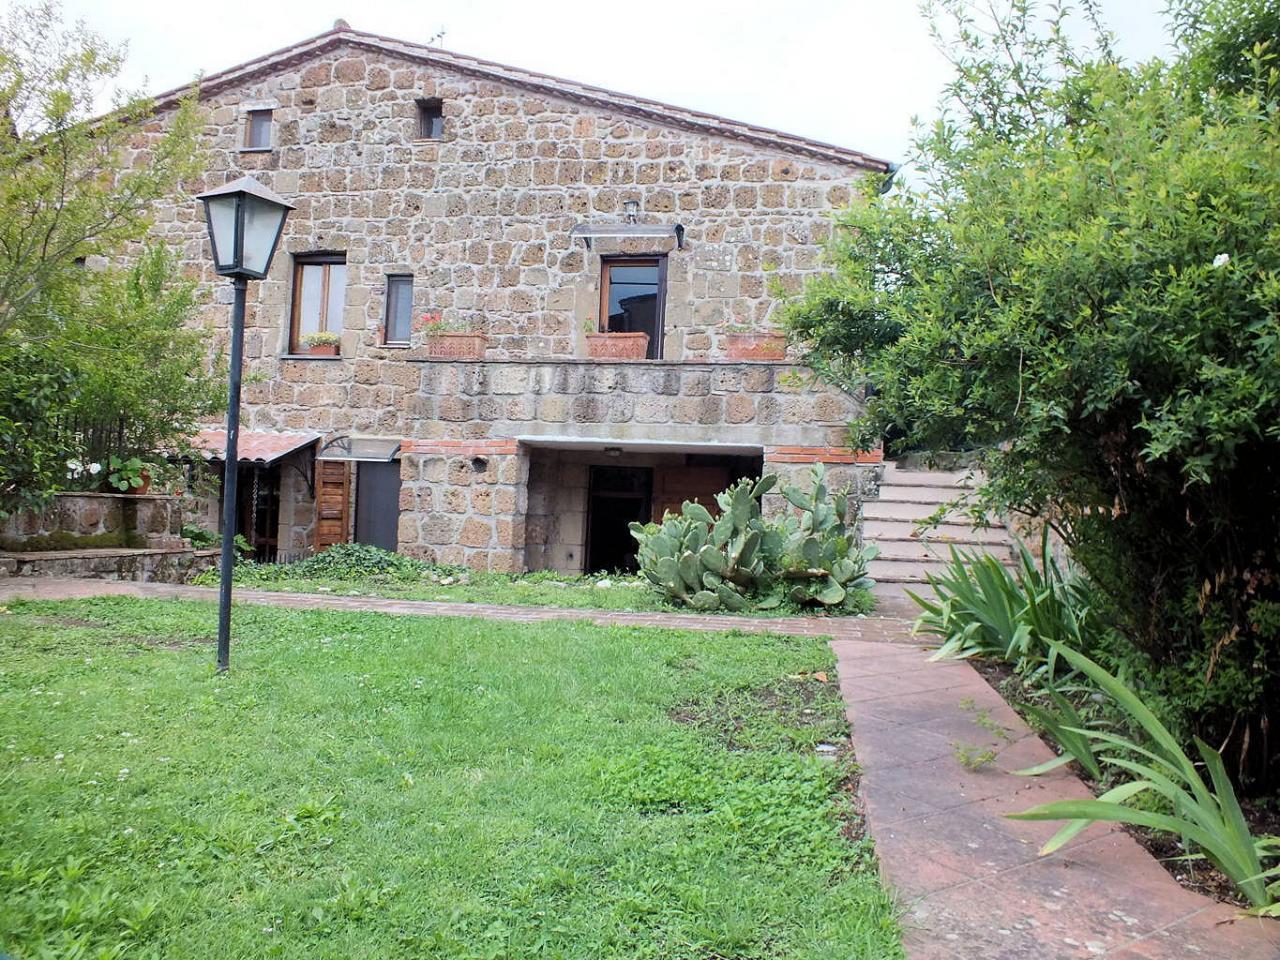 Soluzione Indipendente in vendita a Sorano, 5 locali, prezzo € 260.000 | Cambio Casa.it